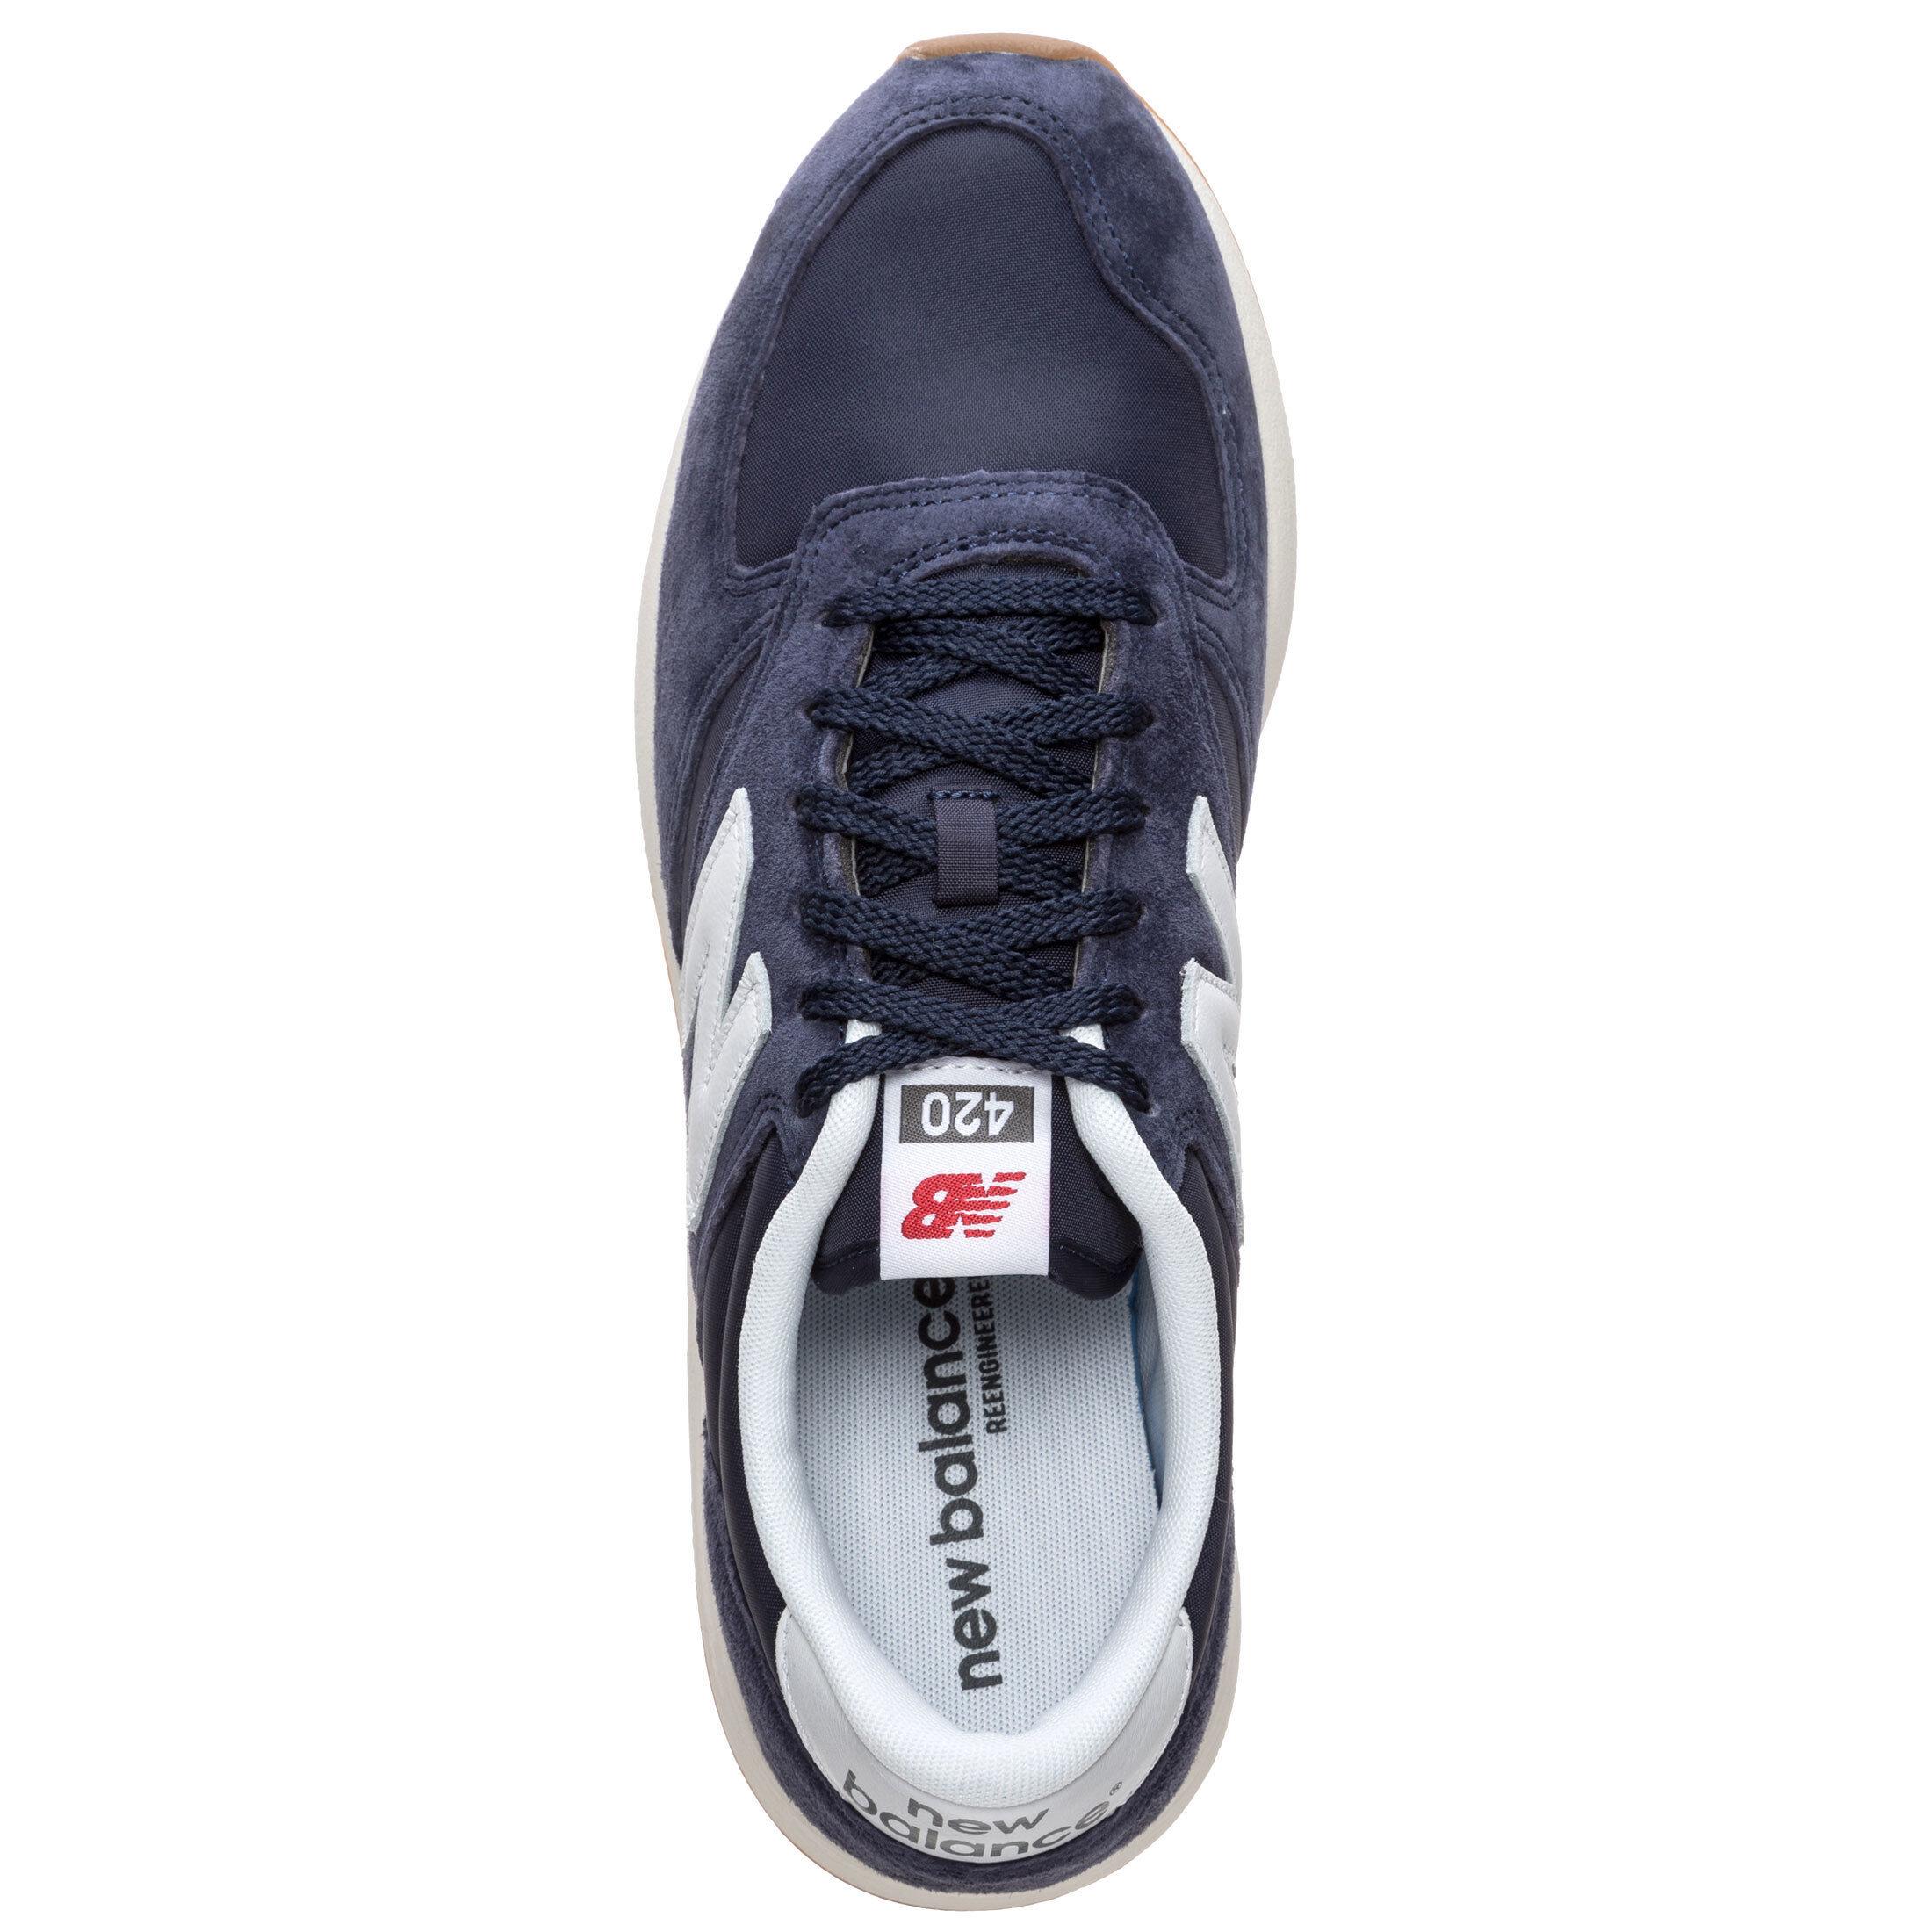 Damen Schuhe NEW BALANCE MRL420 SQ D Sneaker dunkelblau